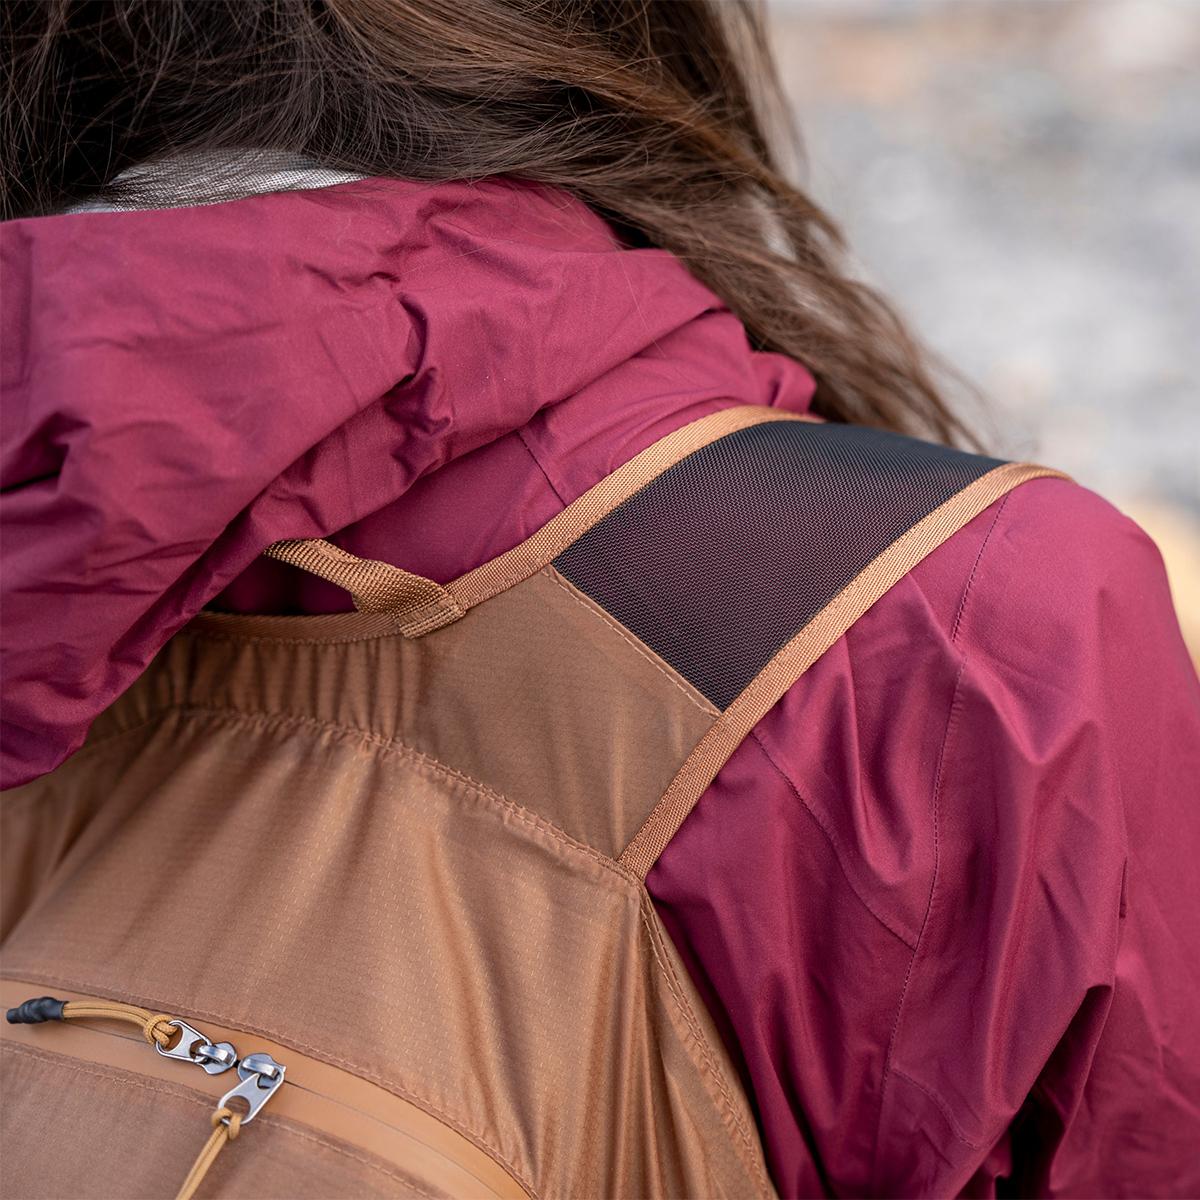 調整ストラップが体感荷重を軽減。旅先や日常生活でアクティブに動き回れる、手のひらサイズにたためる《完全水仕様》のバックパック|Matador freefly16